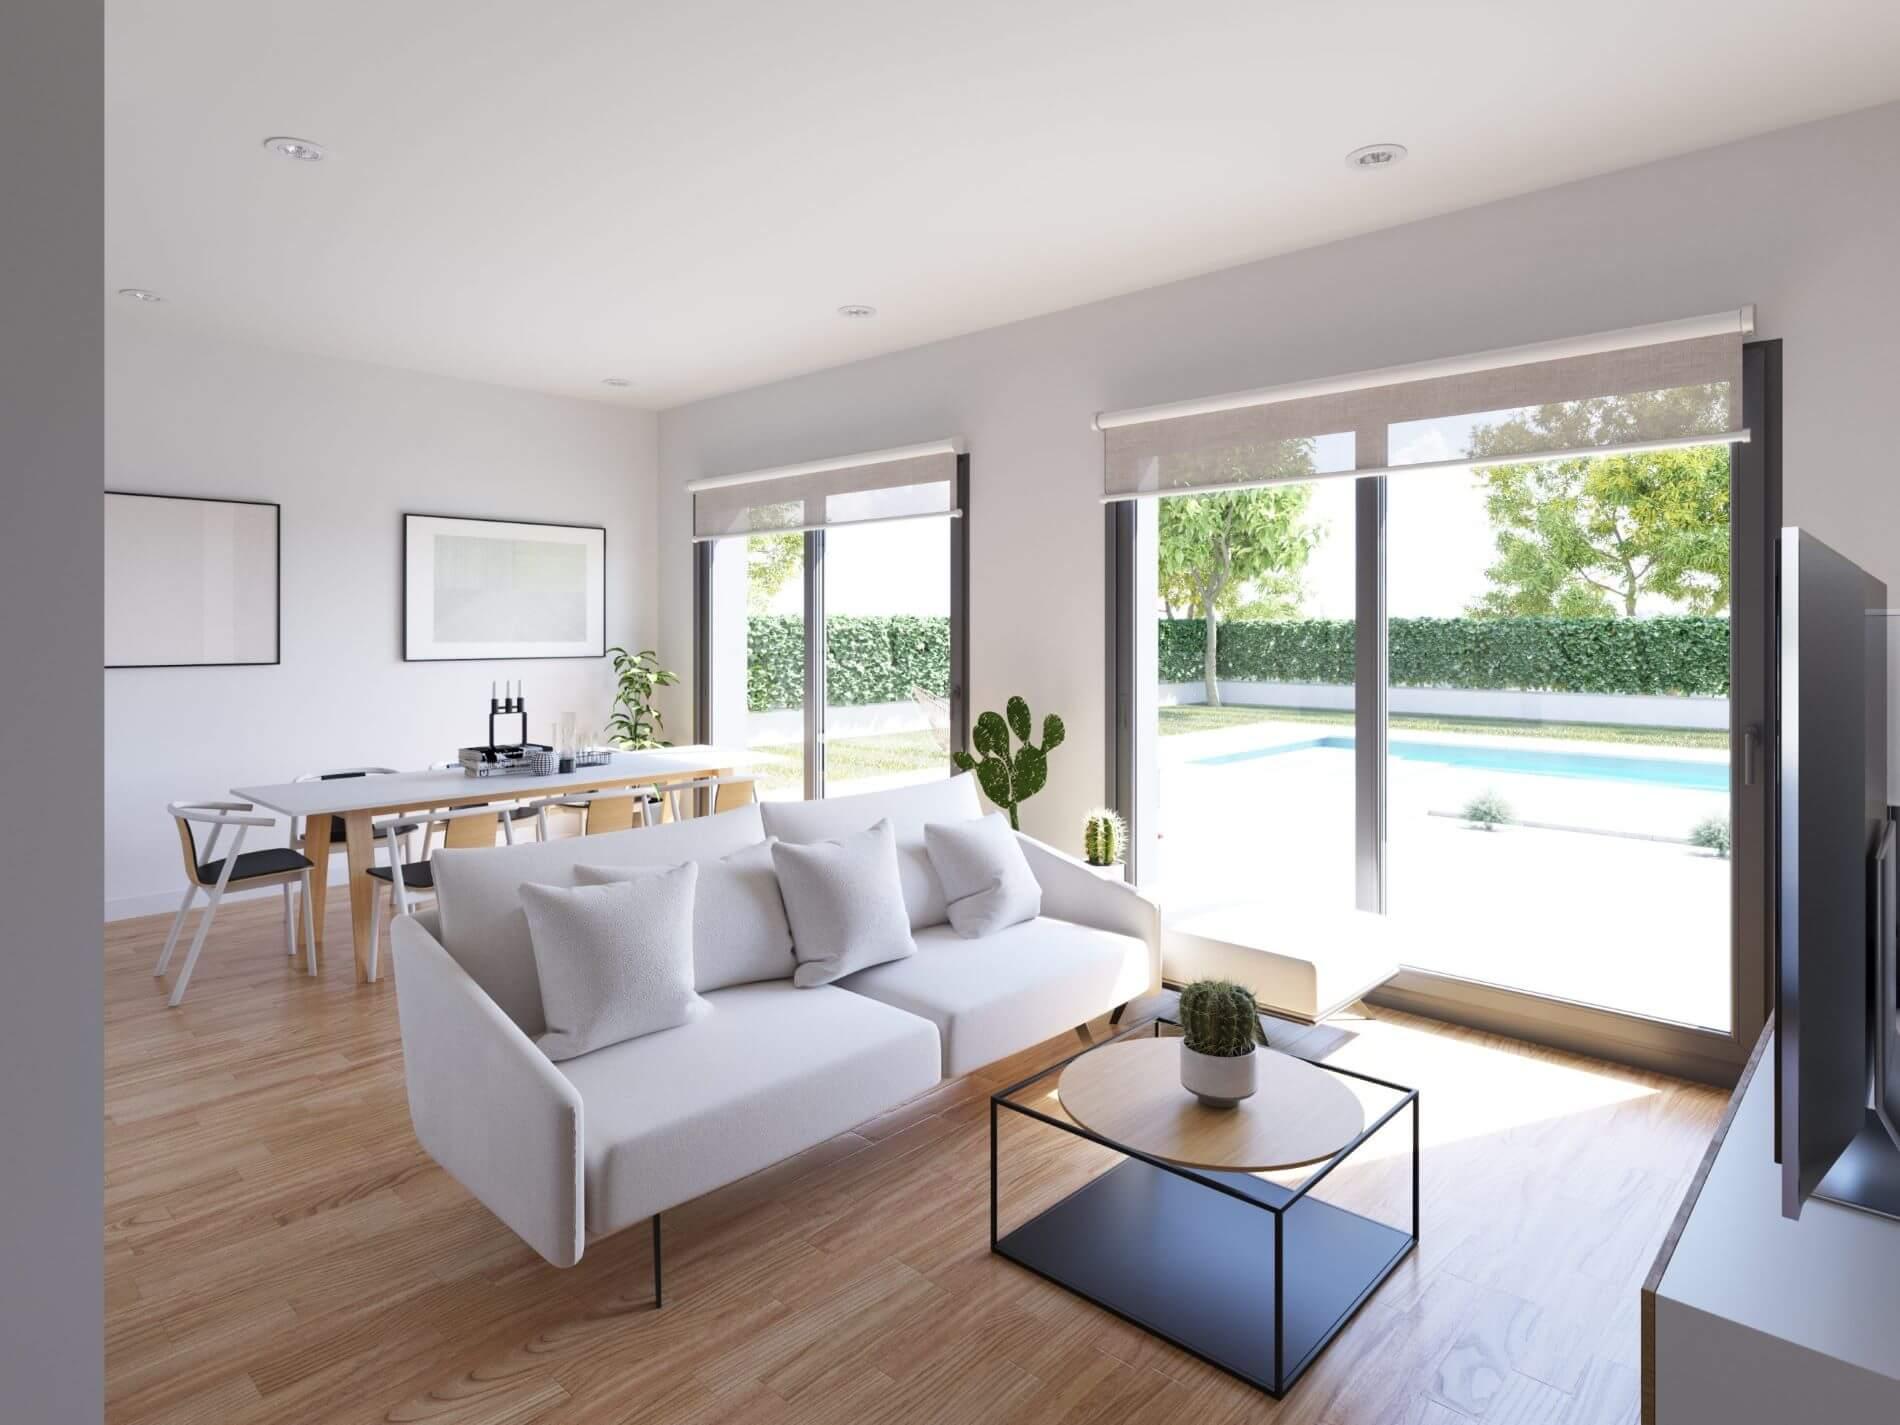 espacio interior de una vivienda prefabricada